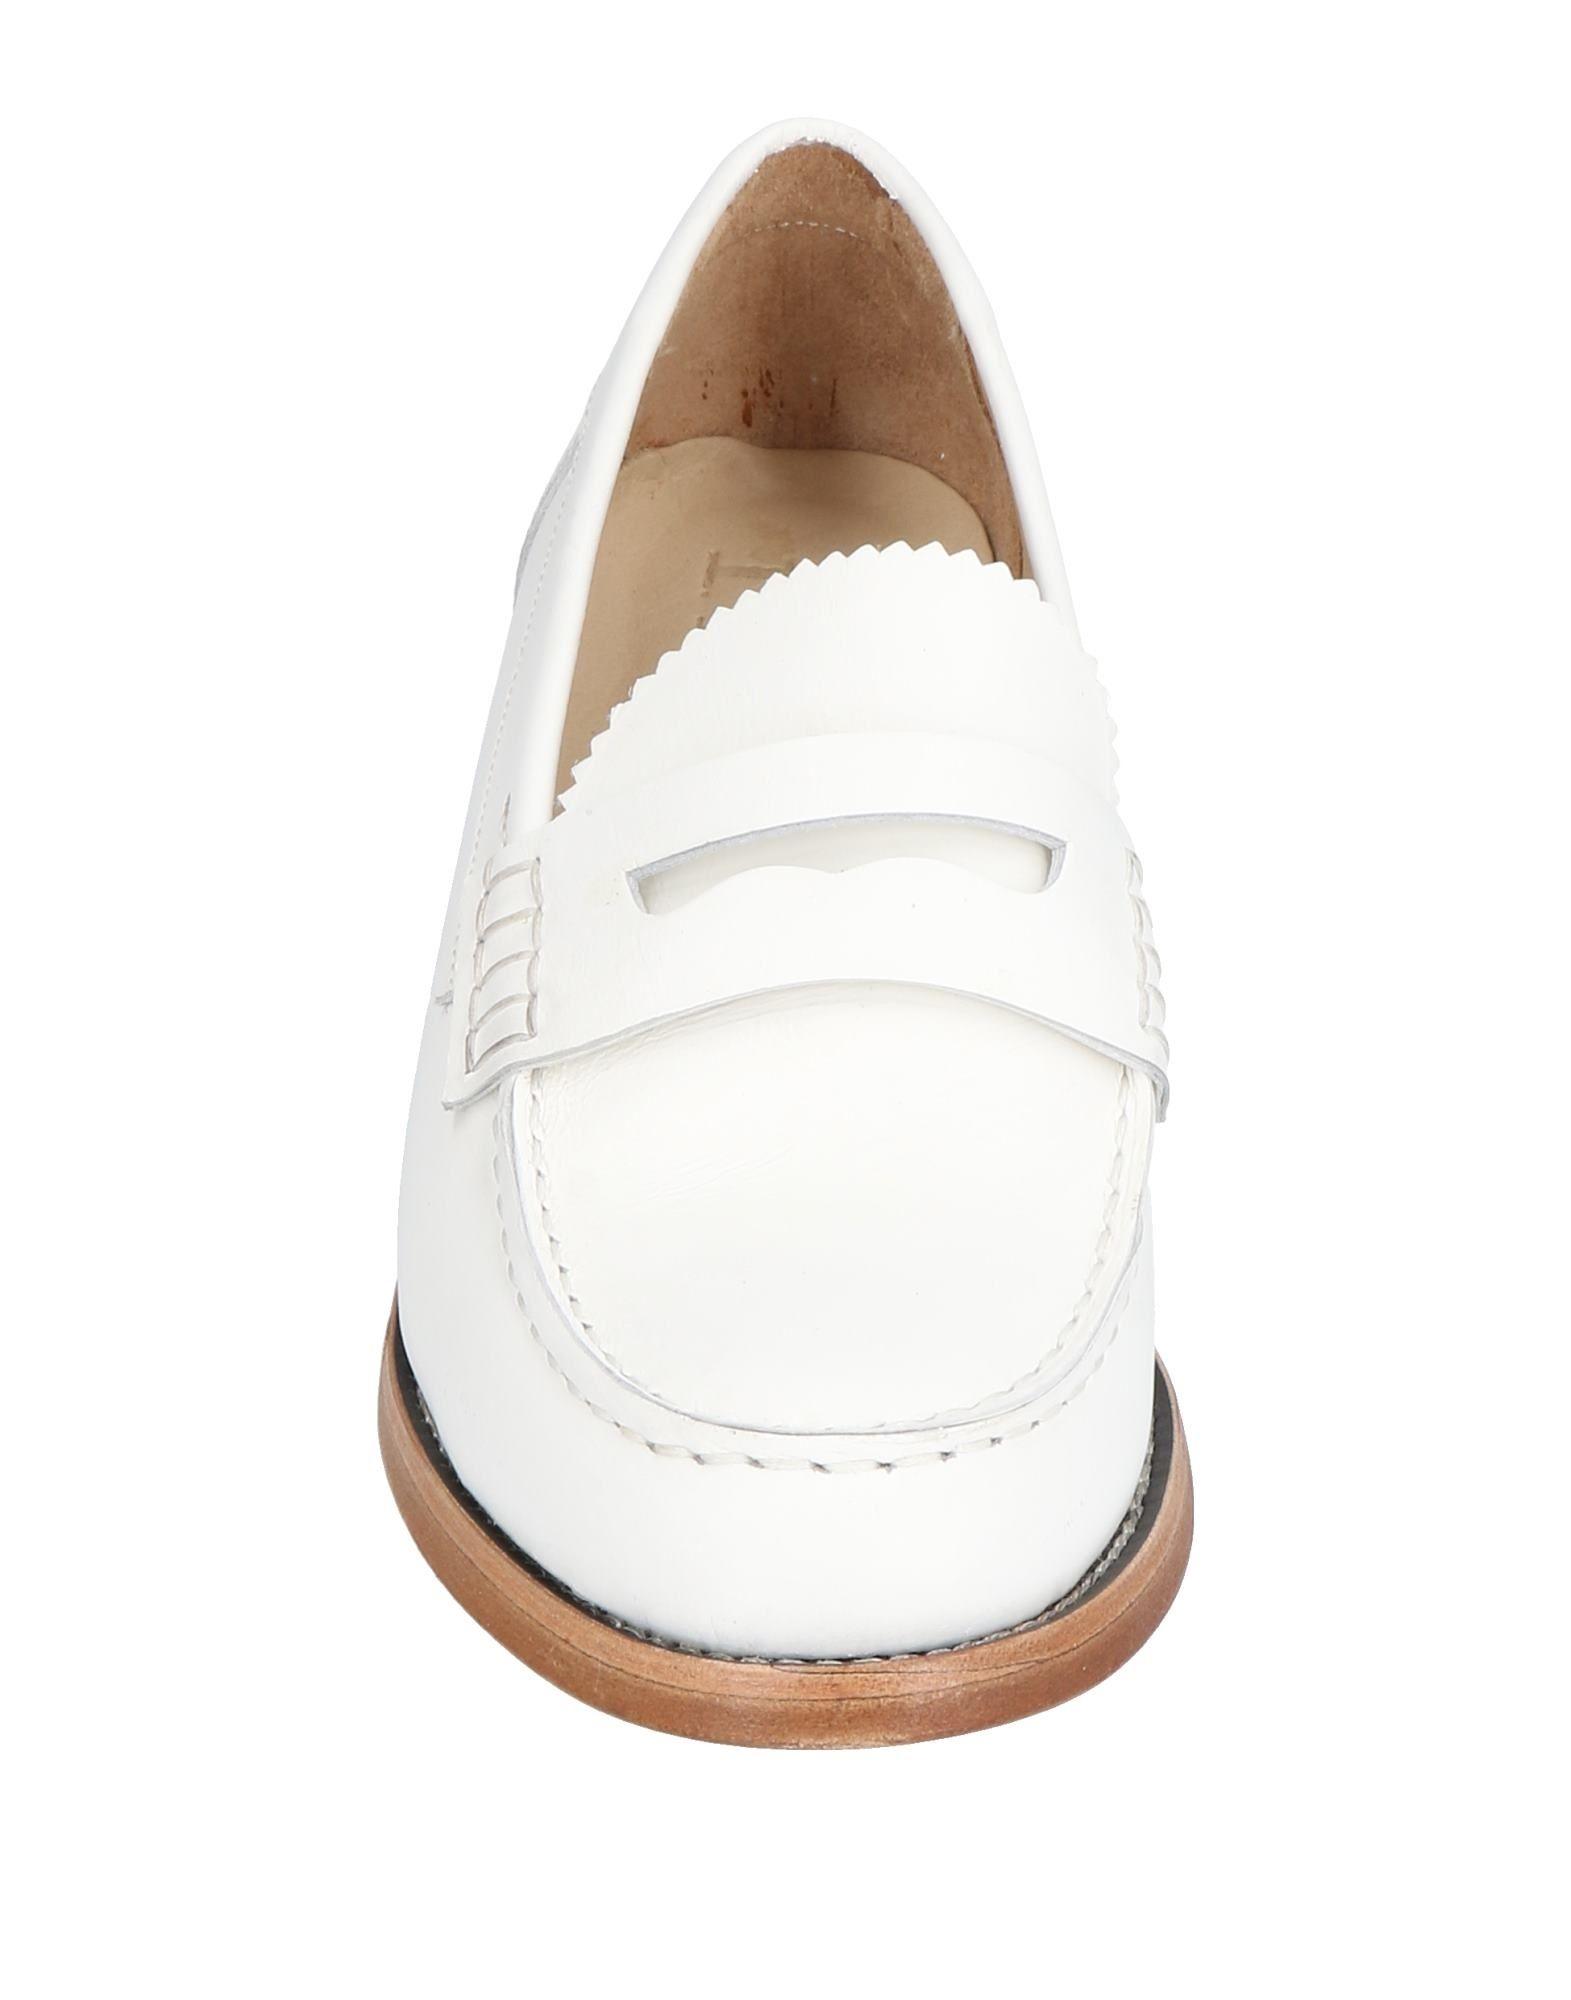 Stilvolle billige Schuhe Schuhe Schuhe Ink Mokassins Damen  11473851LB d5f3c2